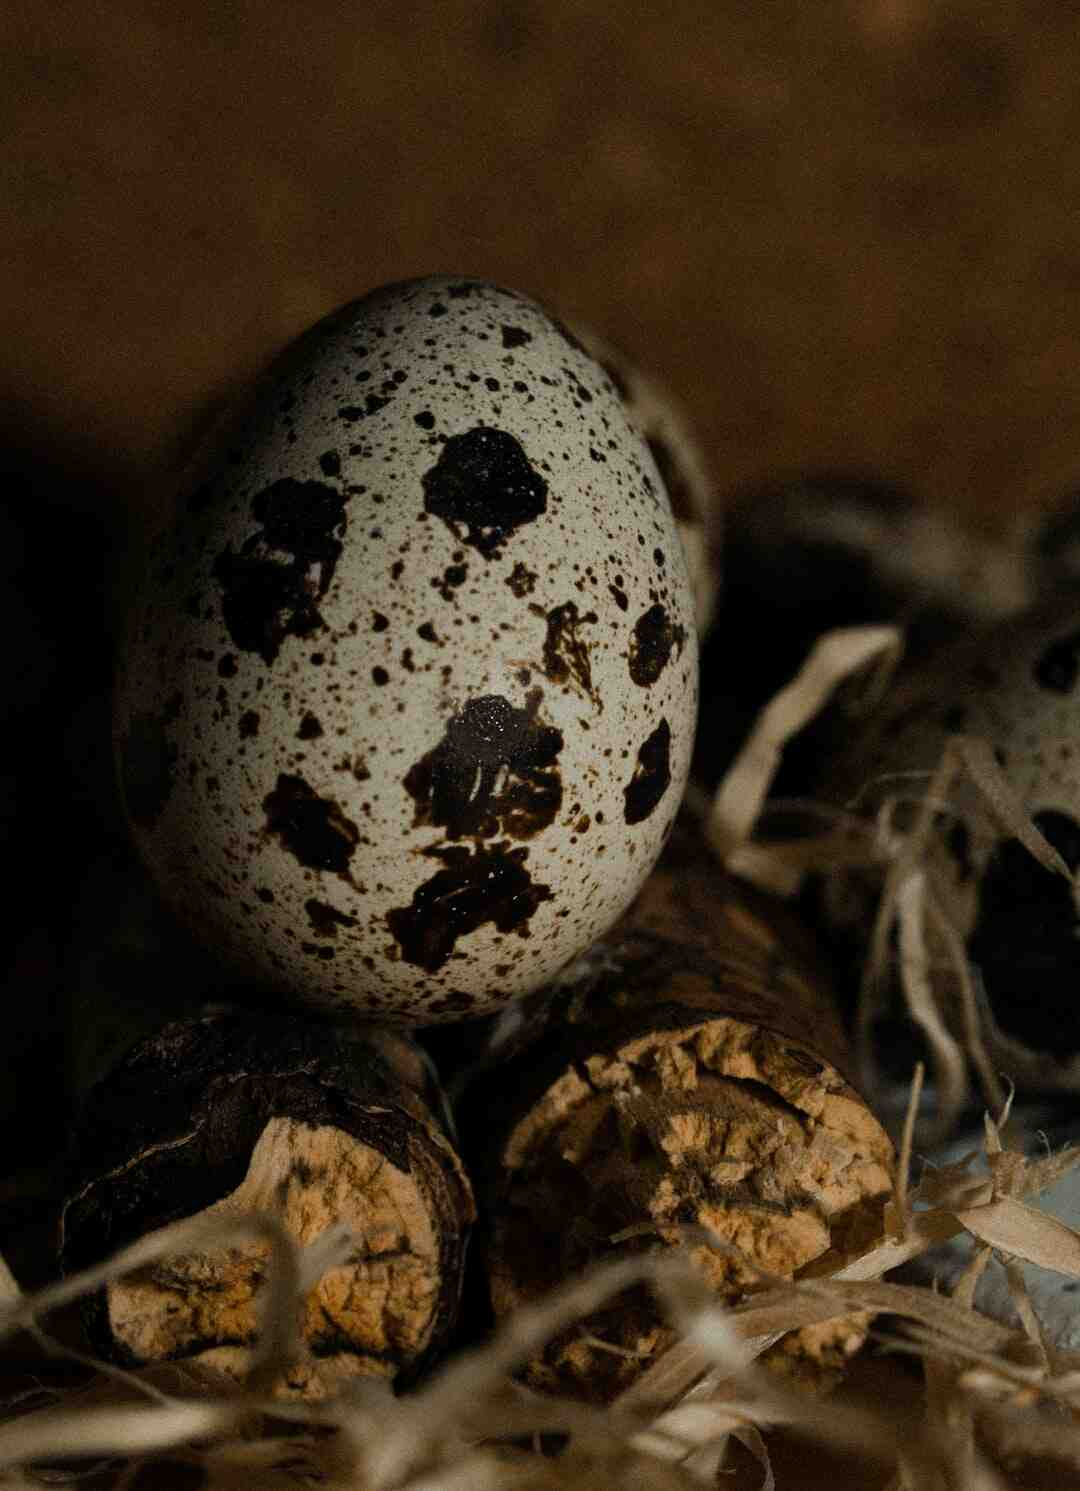 Comment manger des œufs de caille